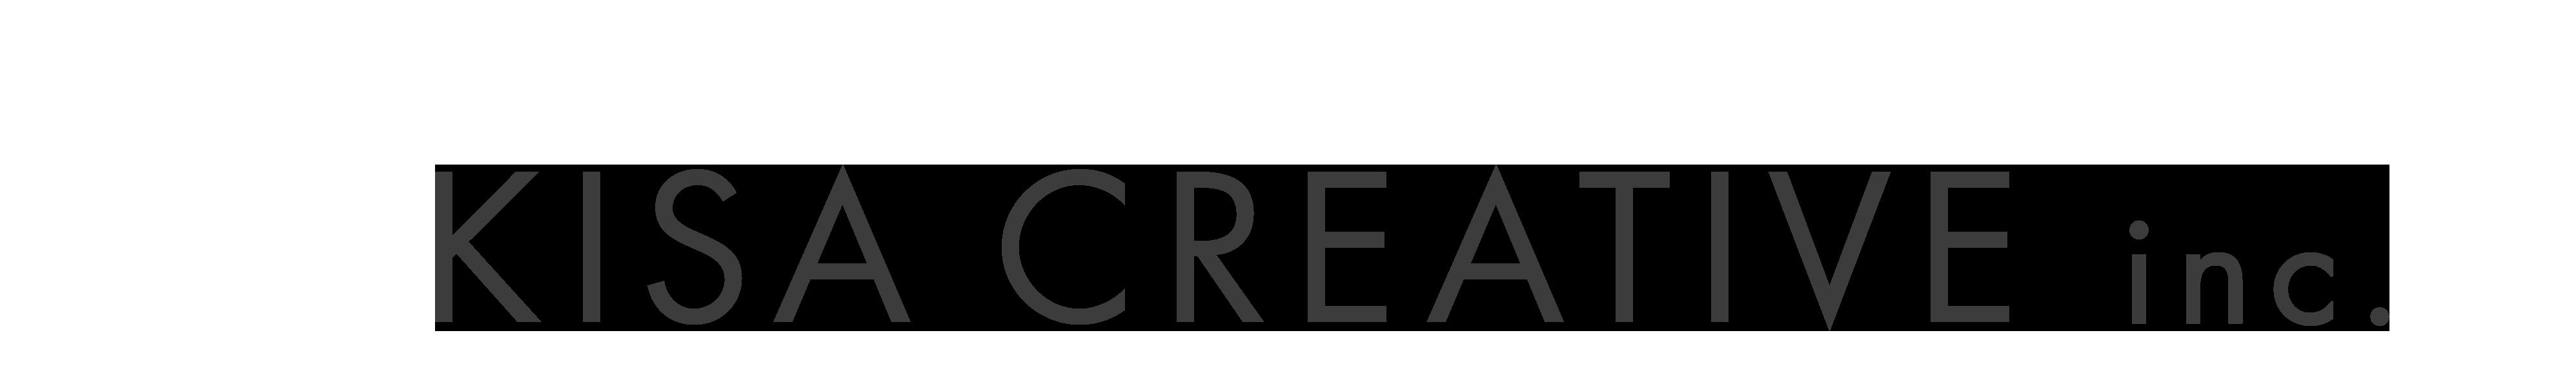 株式会社キサ・クリエイティブ : KISA CREATIVE – 鳥取県米子市のデザイン事務所